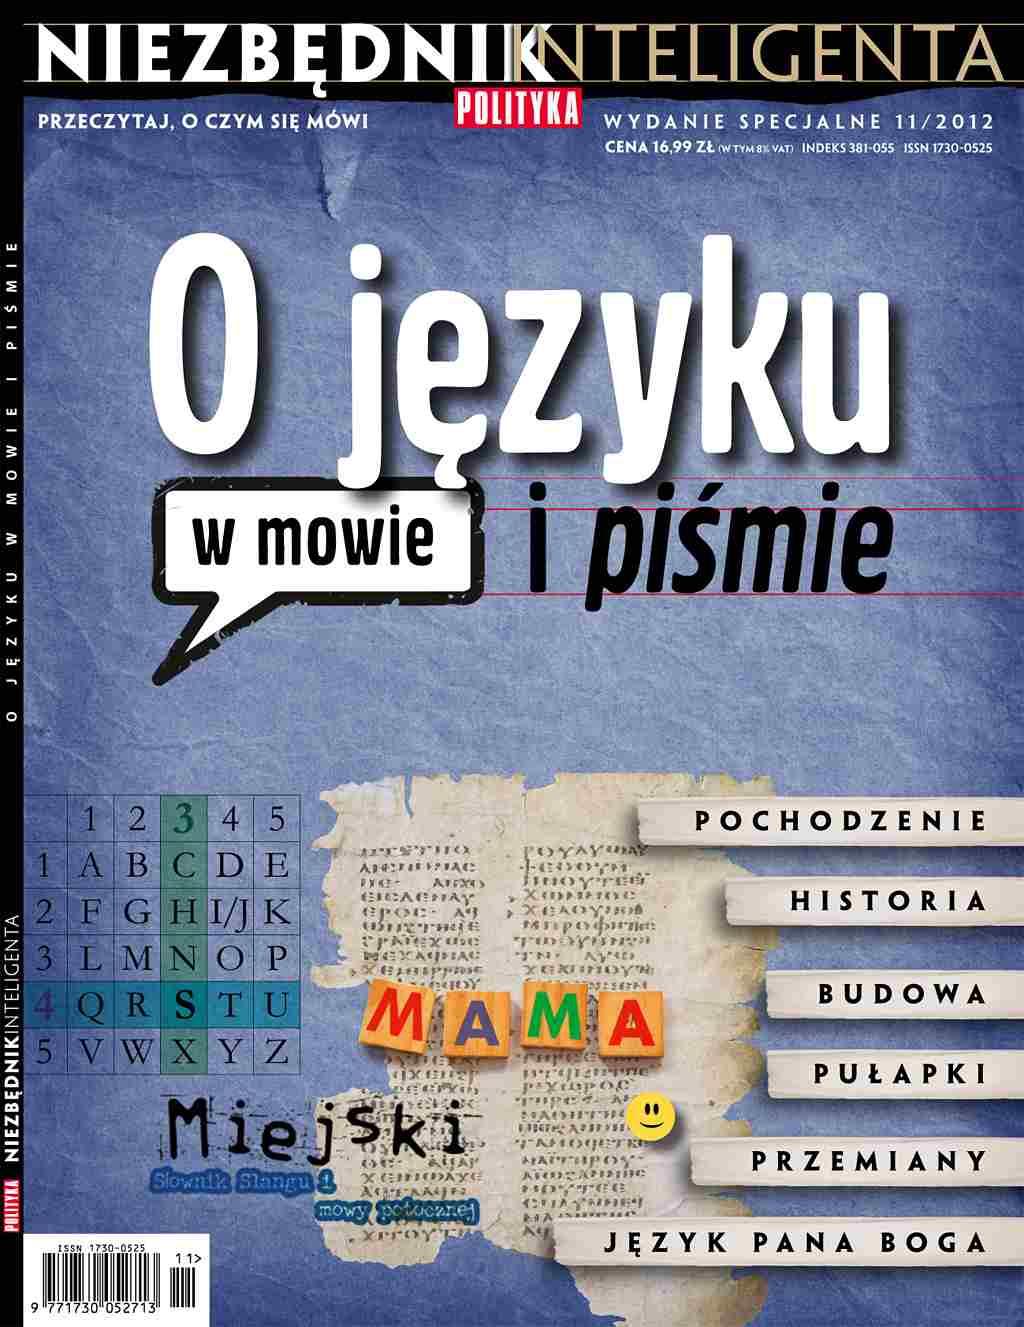 Niezbędnik inteligenta: O języku w mowie i piśmie - Ebook (Książka PDF) do pobrania w formacie PDF